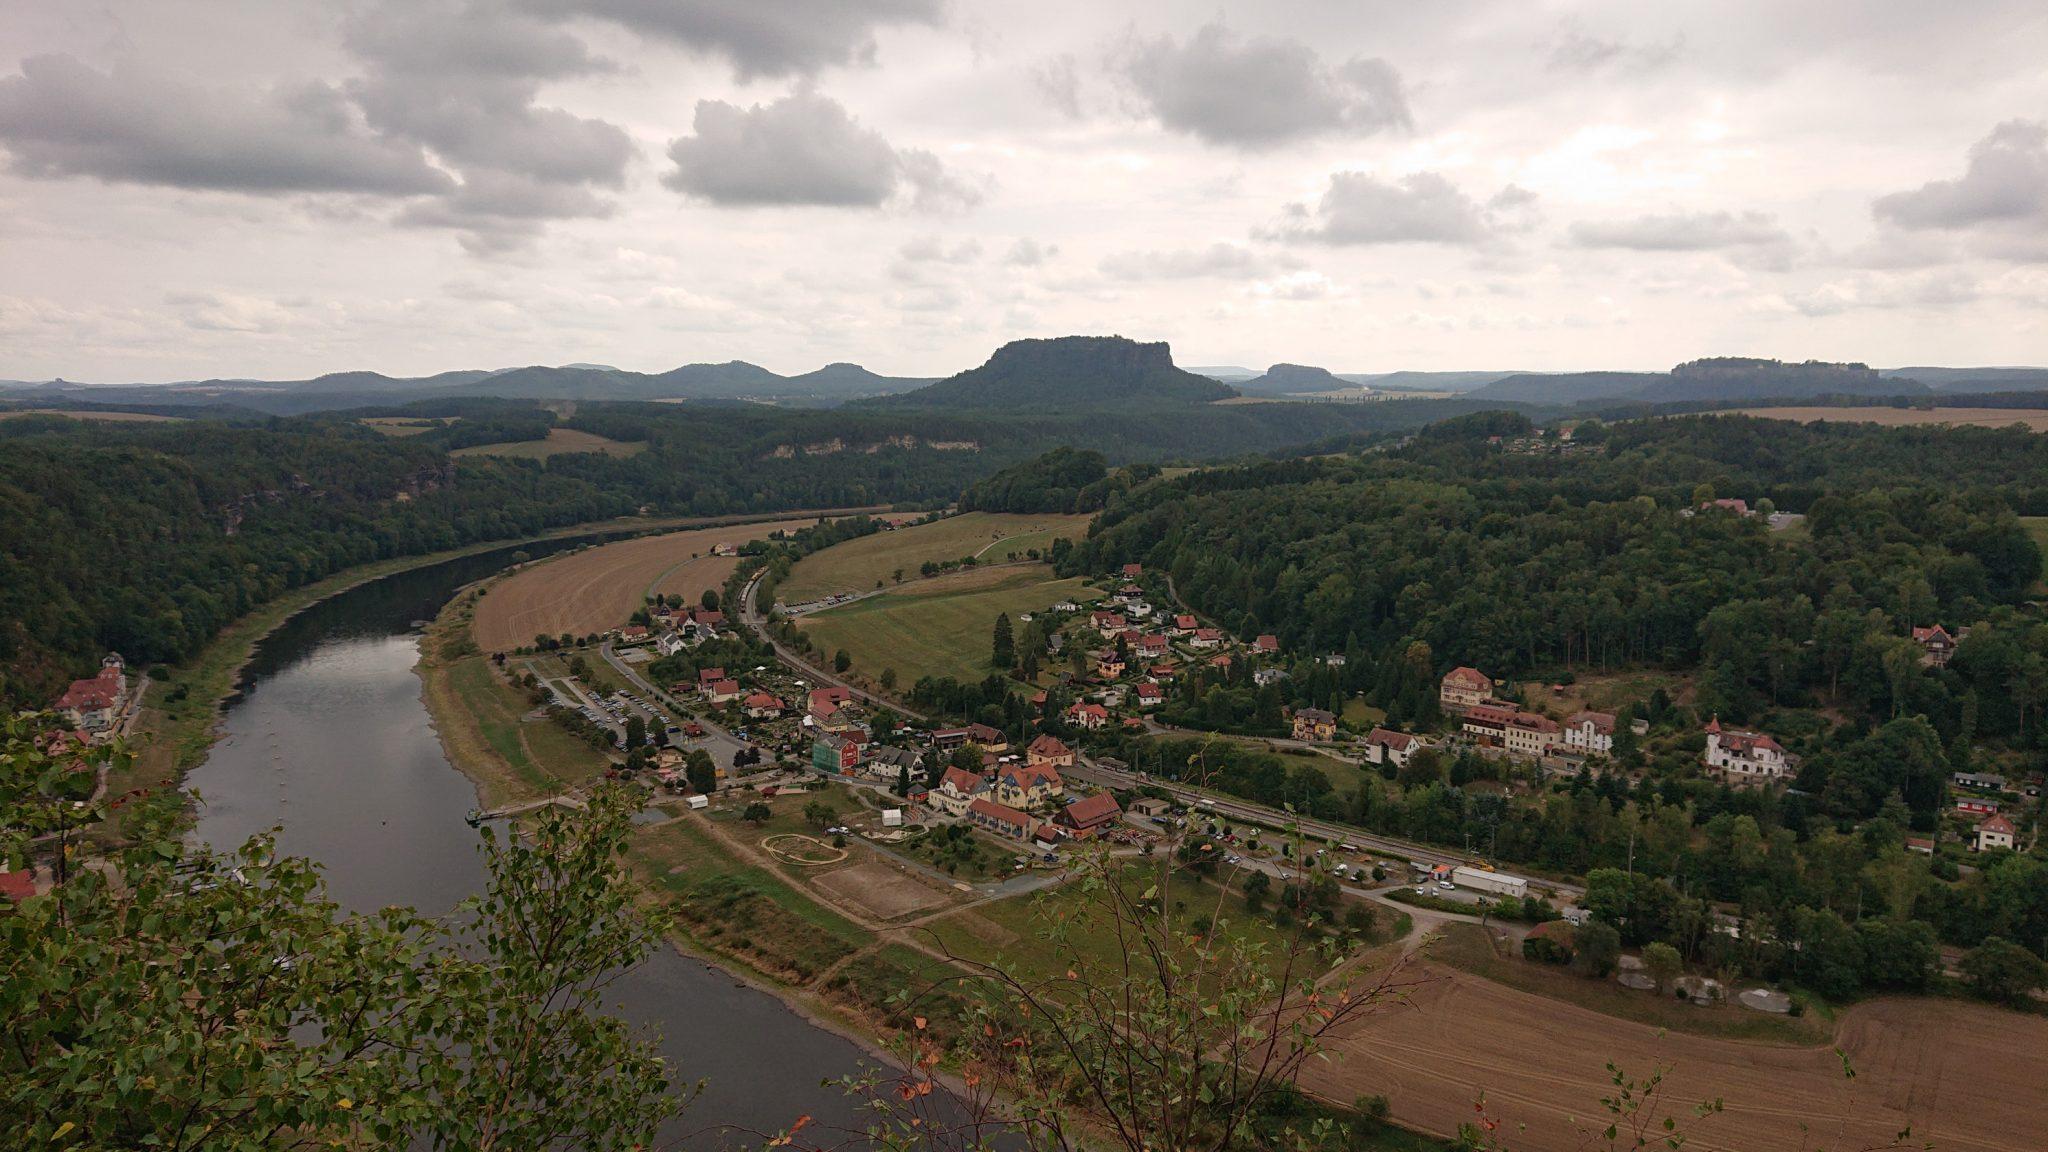 Wanderung durch Polenztal zur Bastei und zu Schwedenlöcher, Wanderweg zur Bastei mit Aussicht auf Elbe und kleine Orte